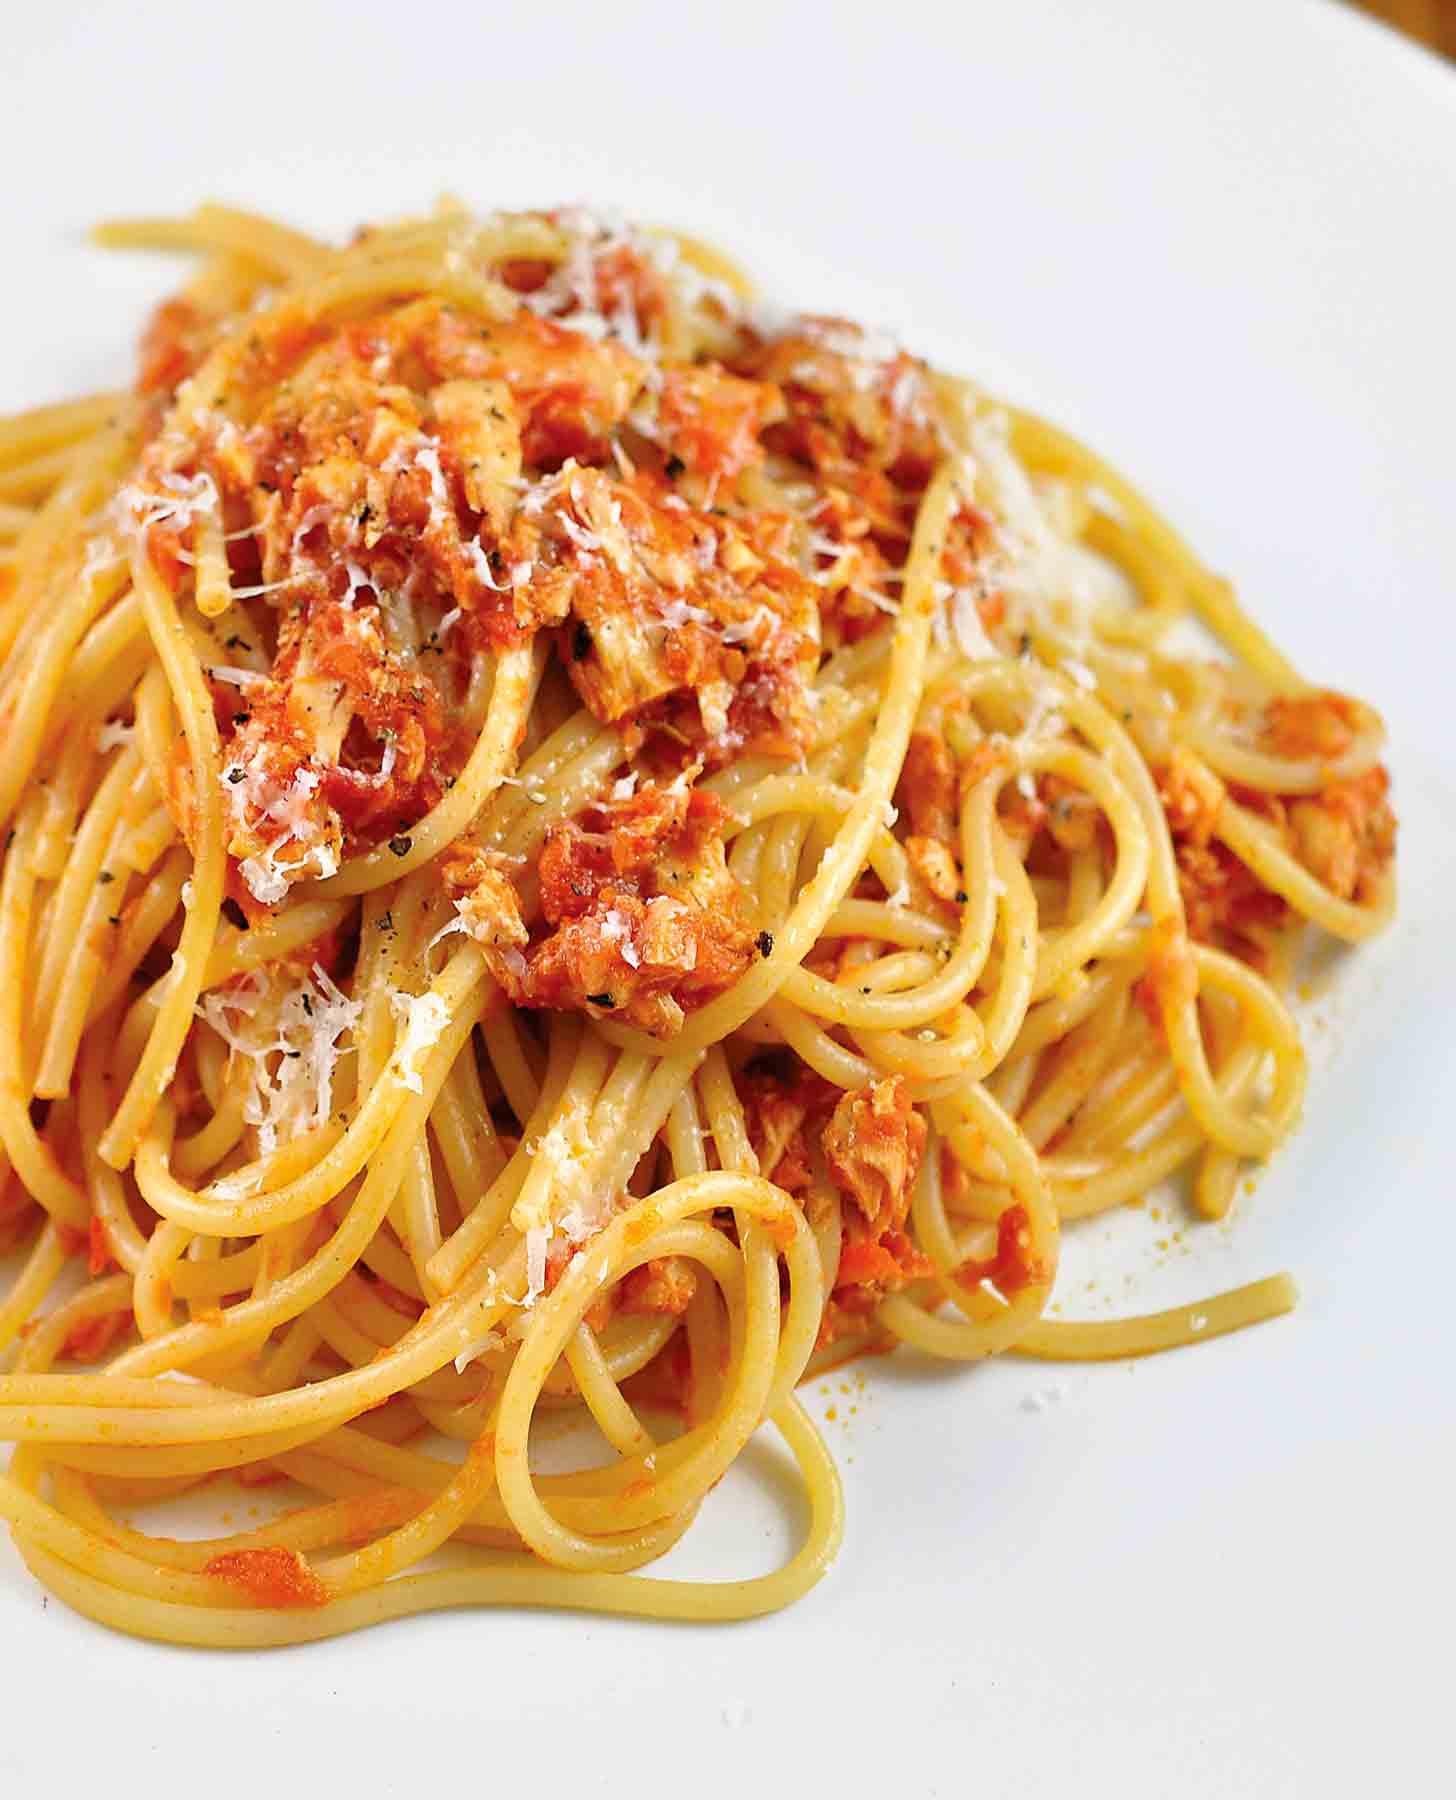 A tangle of tomato and tuna spaghetti on a white plate.